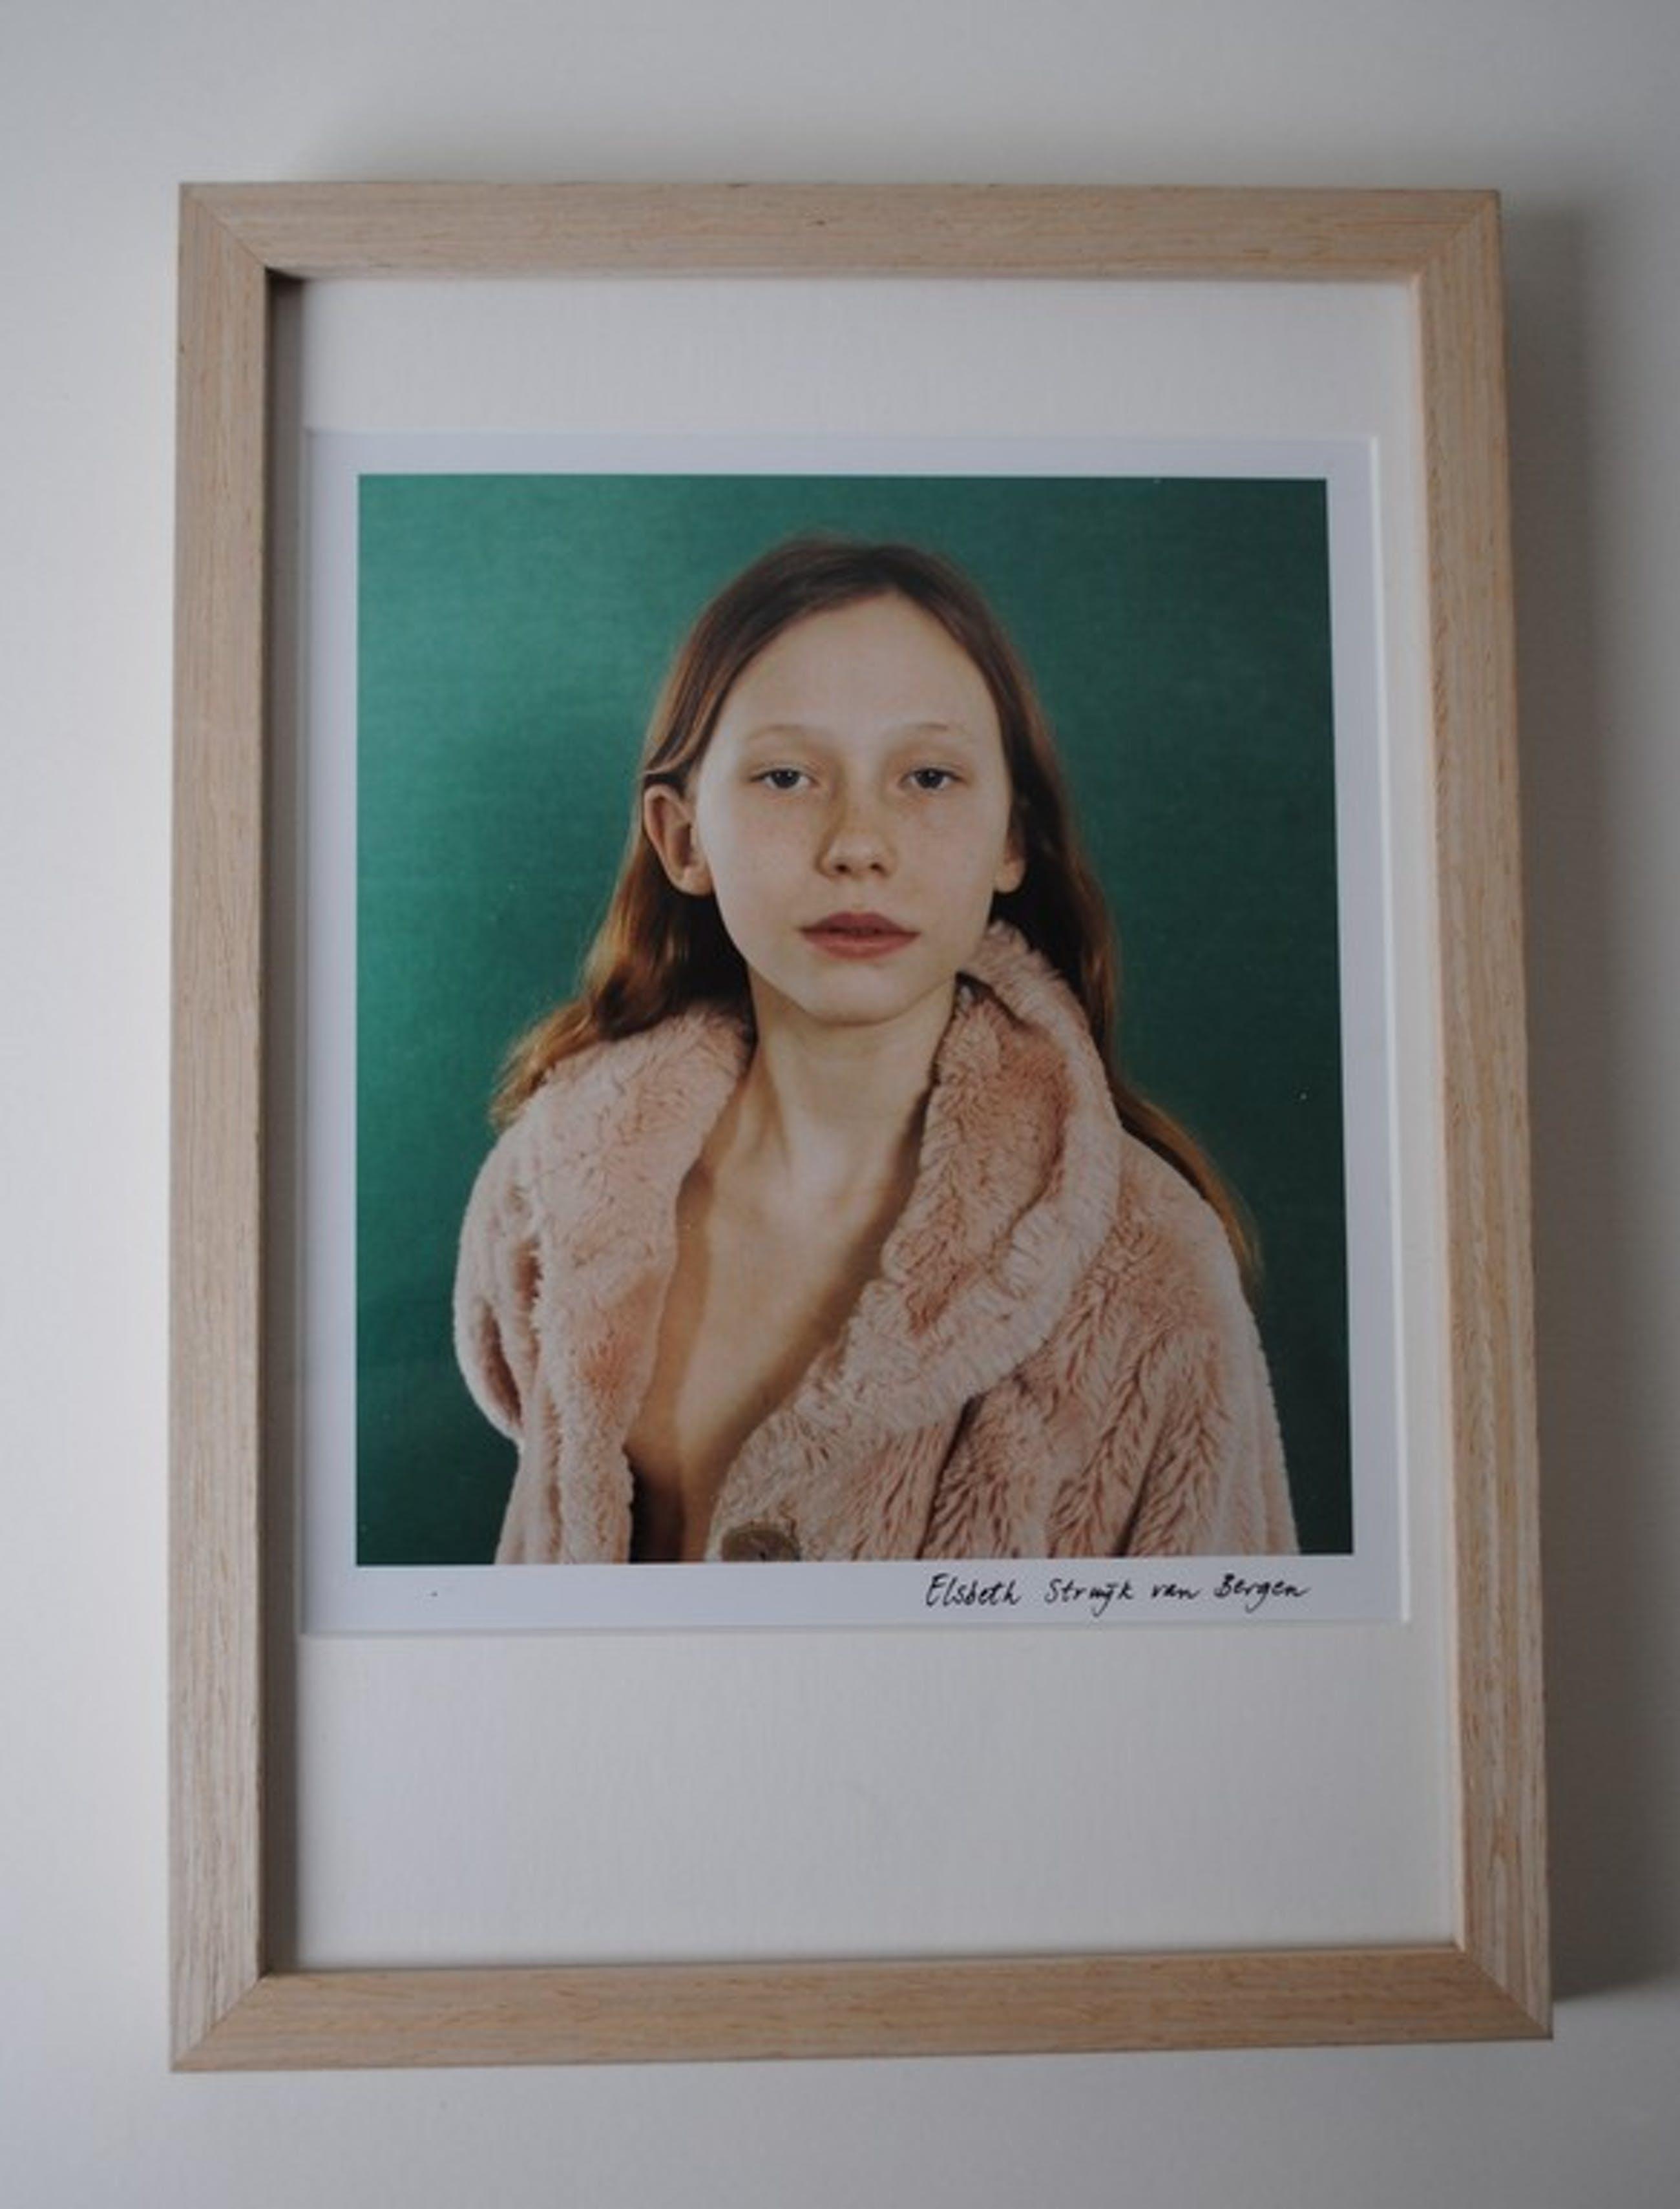 Elsbeth Struijk van Bergen - foto -  ingelijst kopen? Bied vanaf 65!